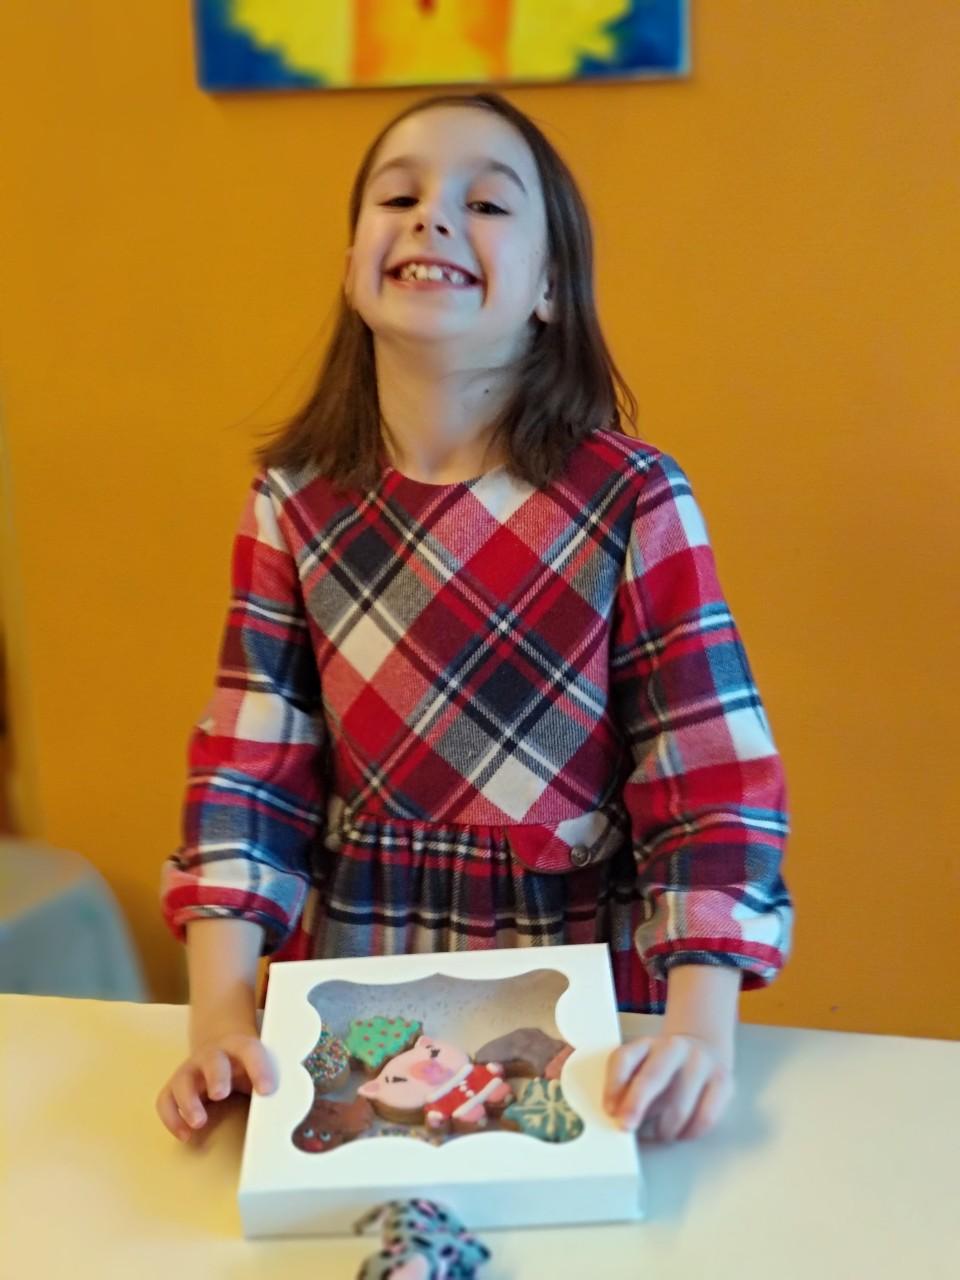 Майстер-клас з розпису новорічних пряників 8 грудня - фото